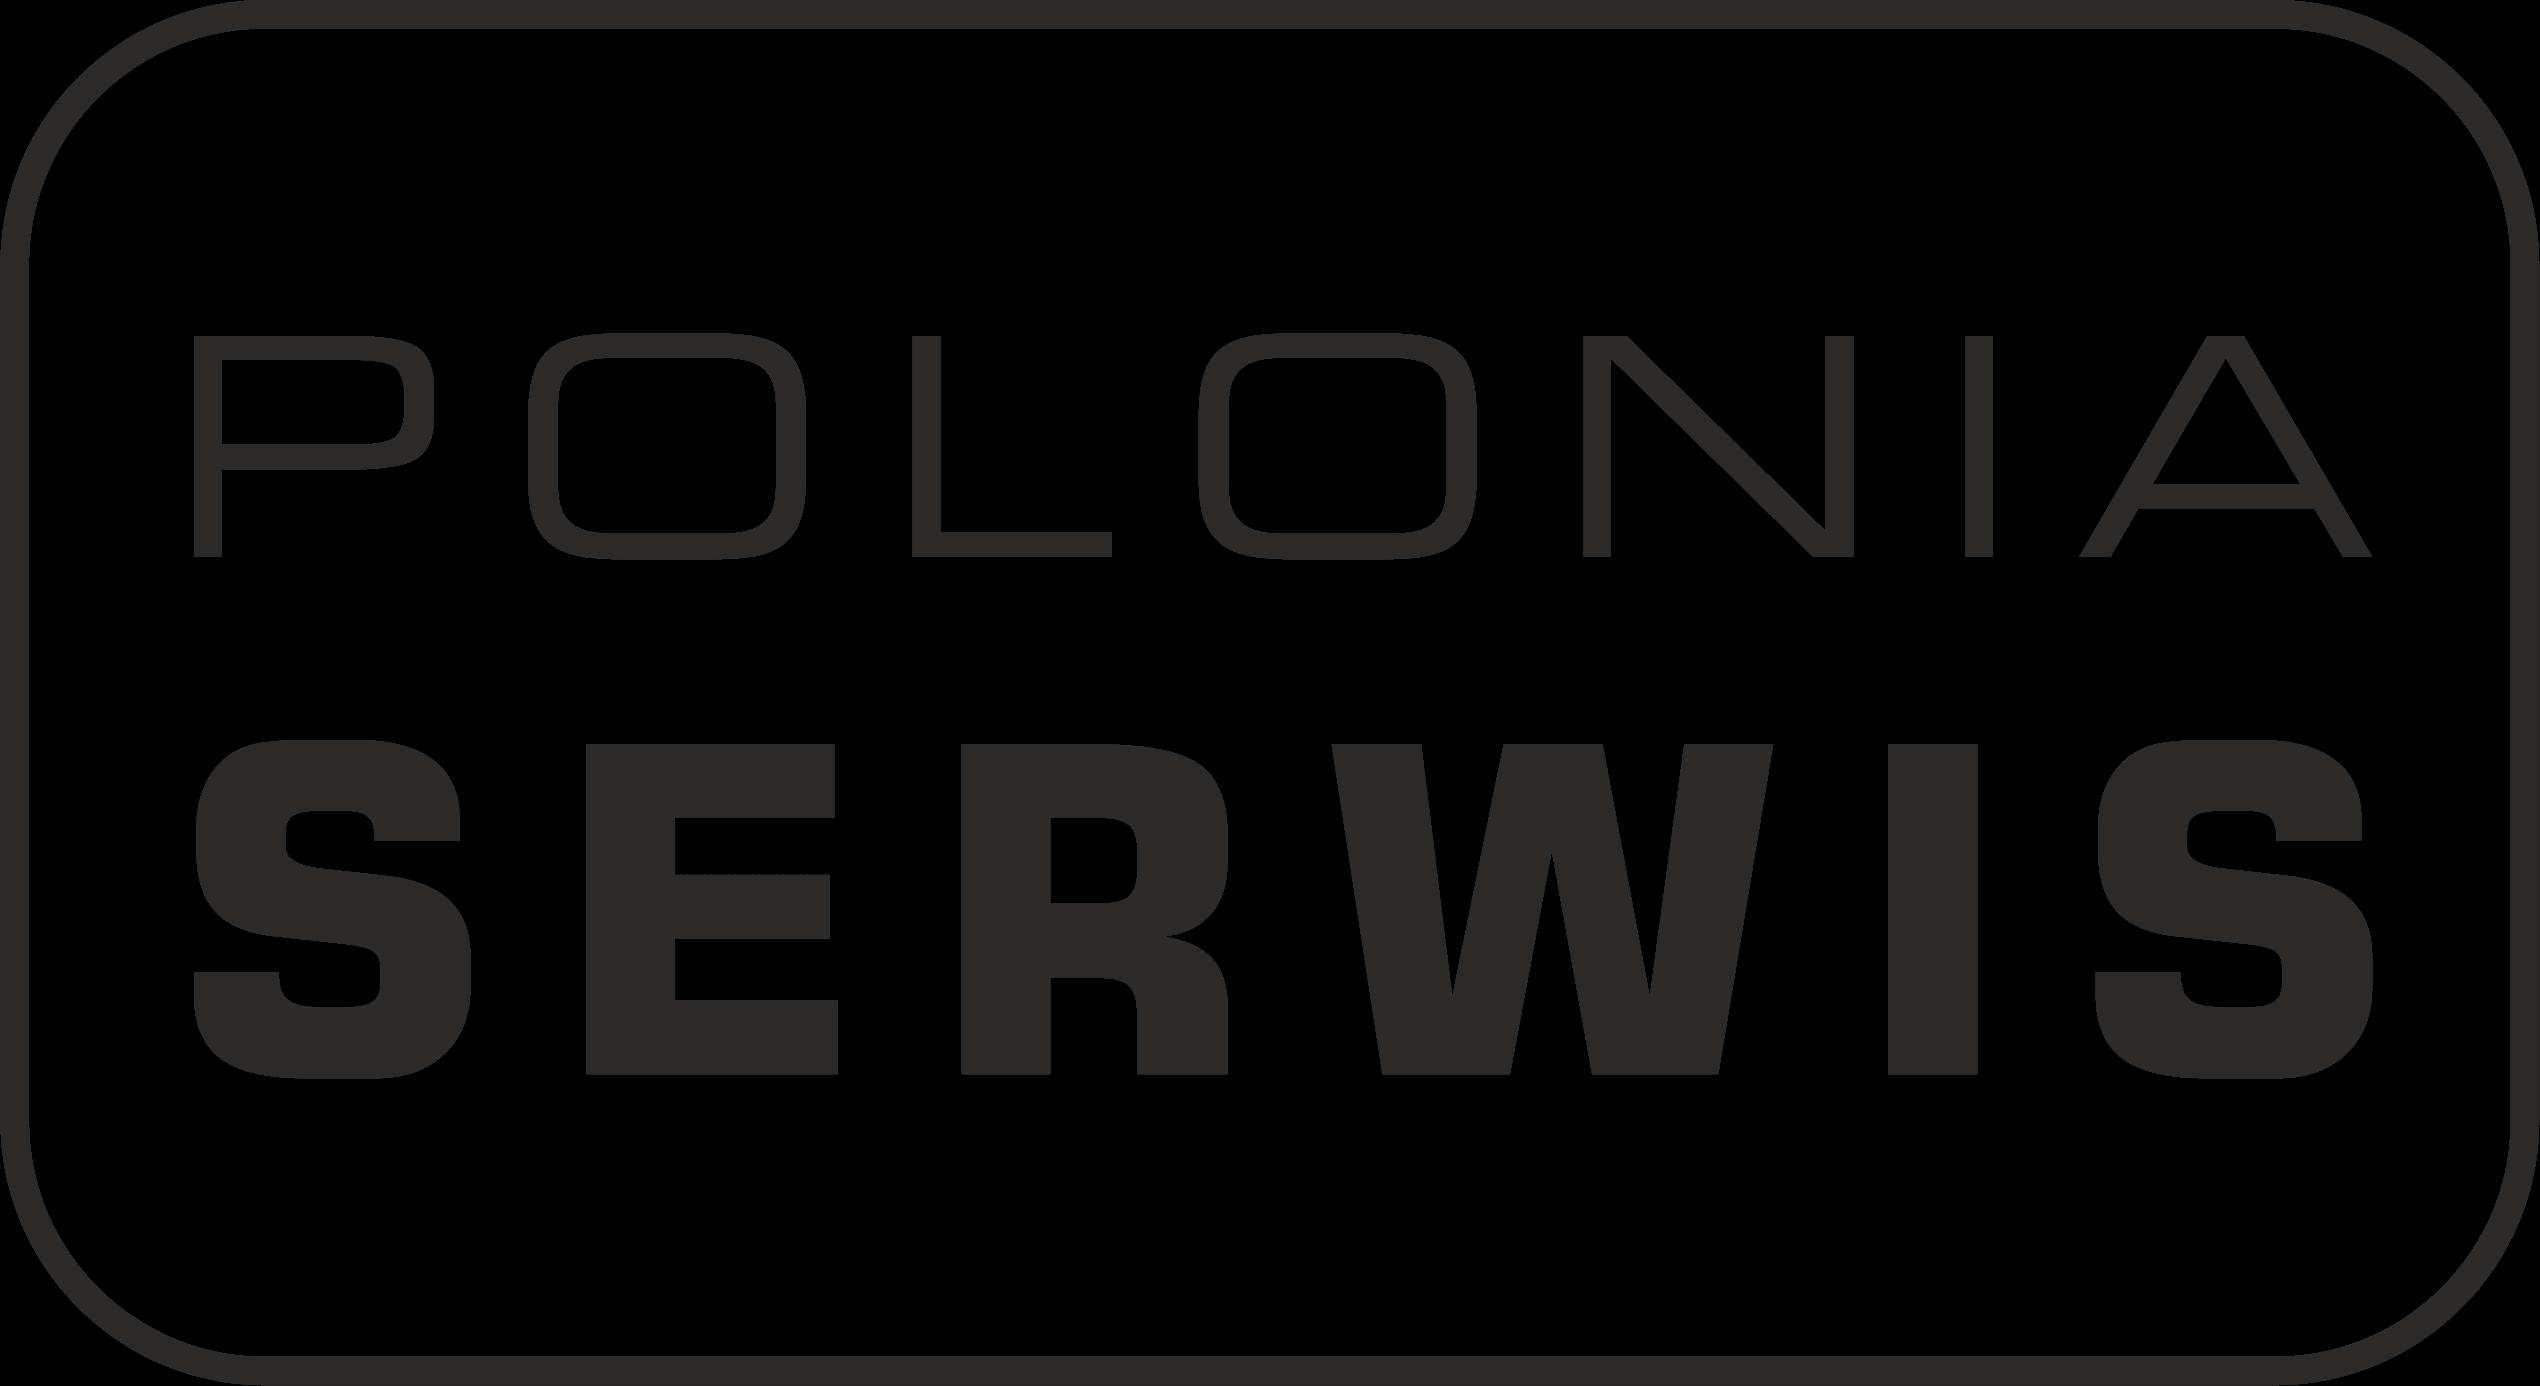 SERWIS POLONIA